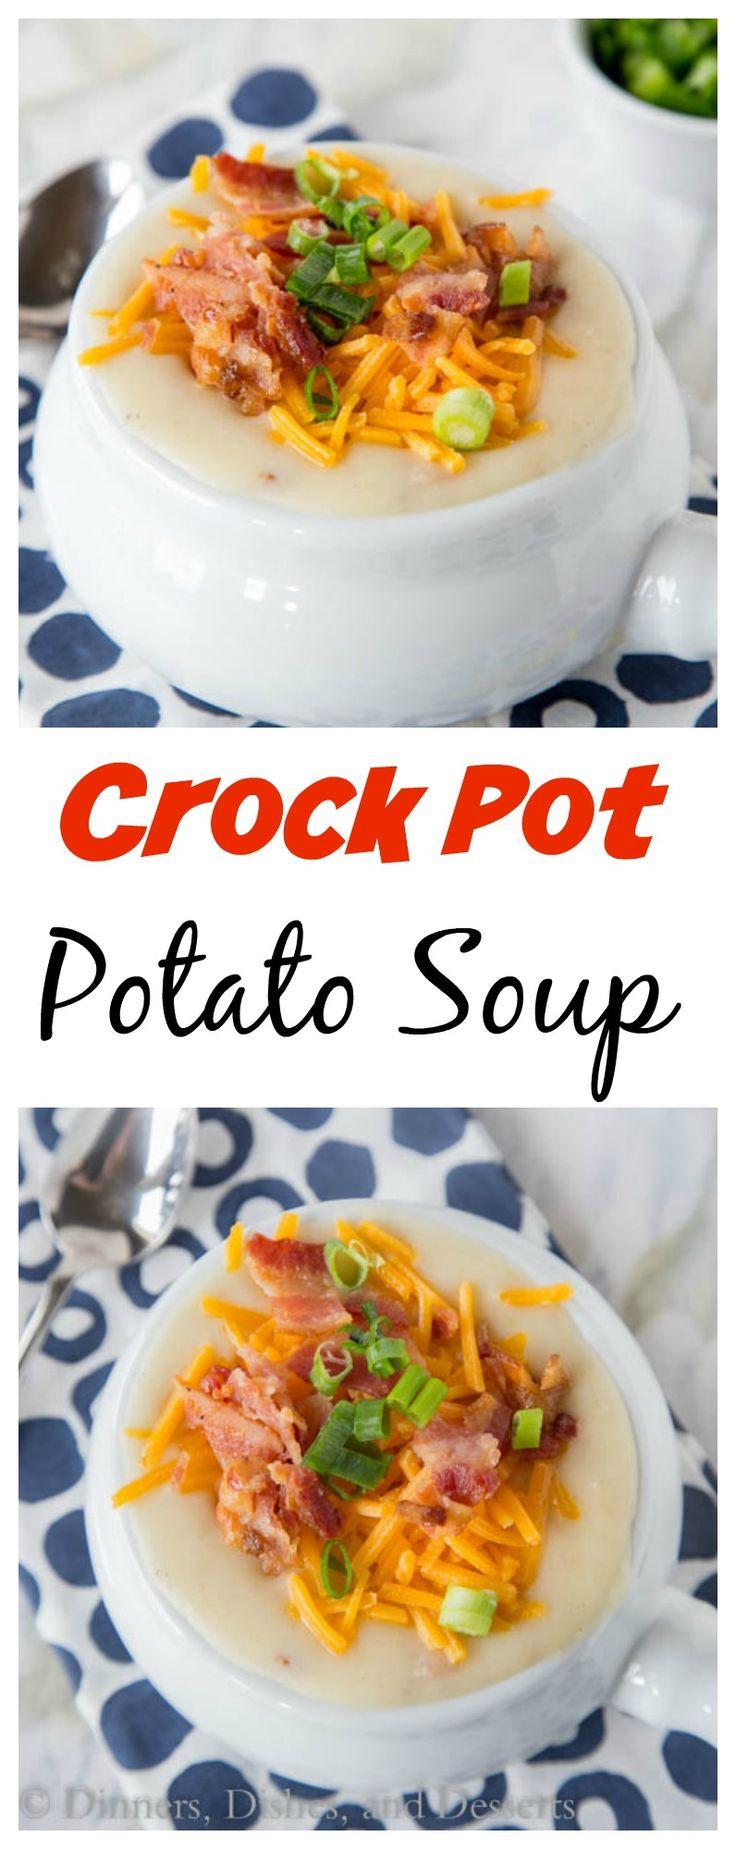 Healthy Potato Soup Crock Pot  Crock Pot Potato Soup – Creamy loaded potato soup that is